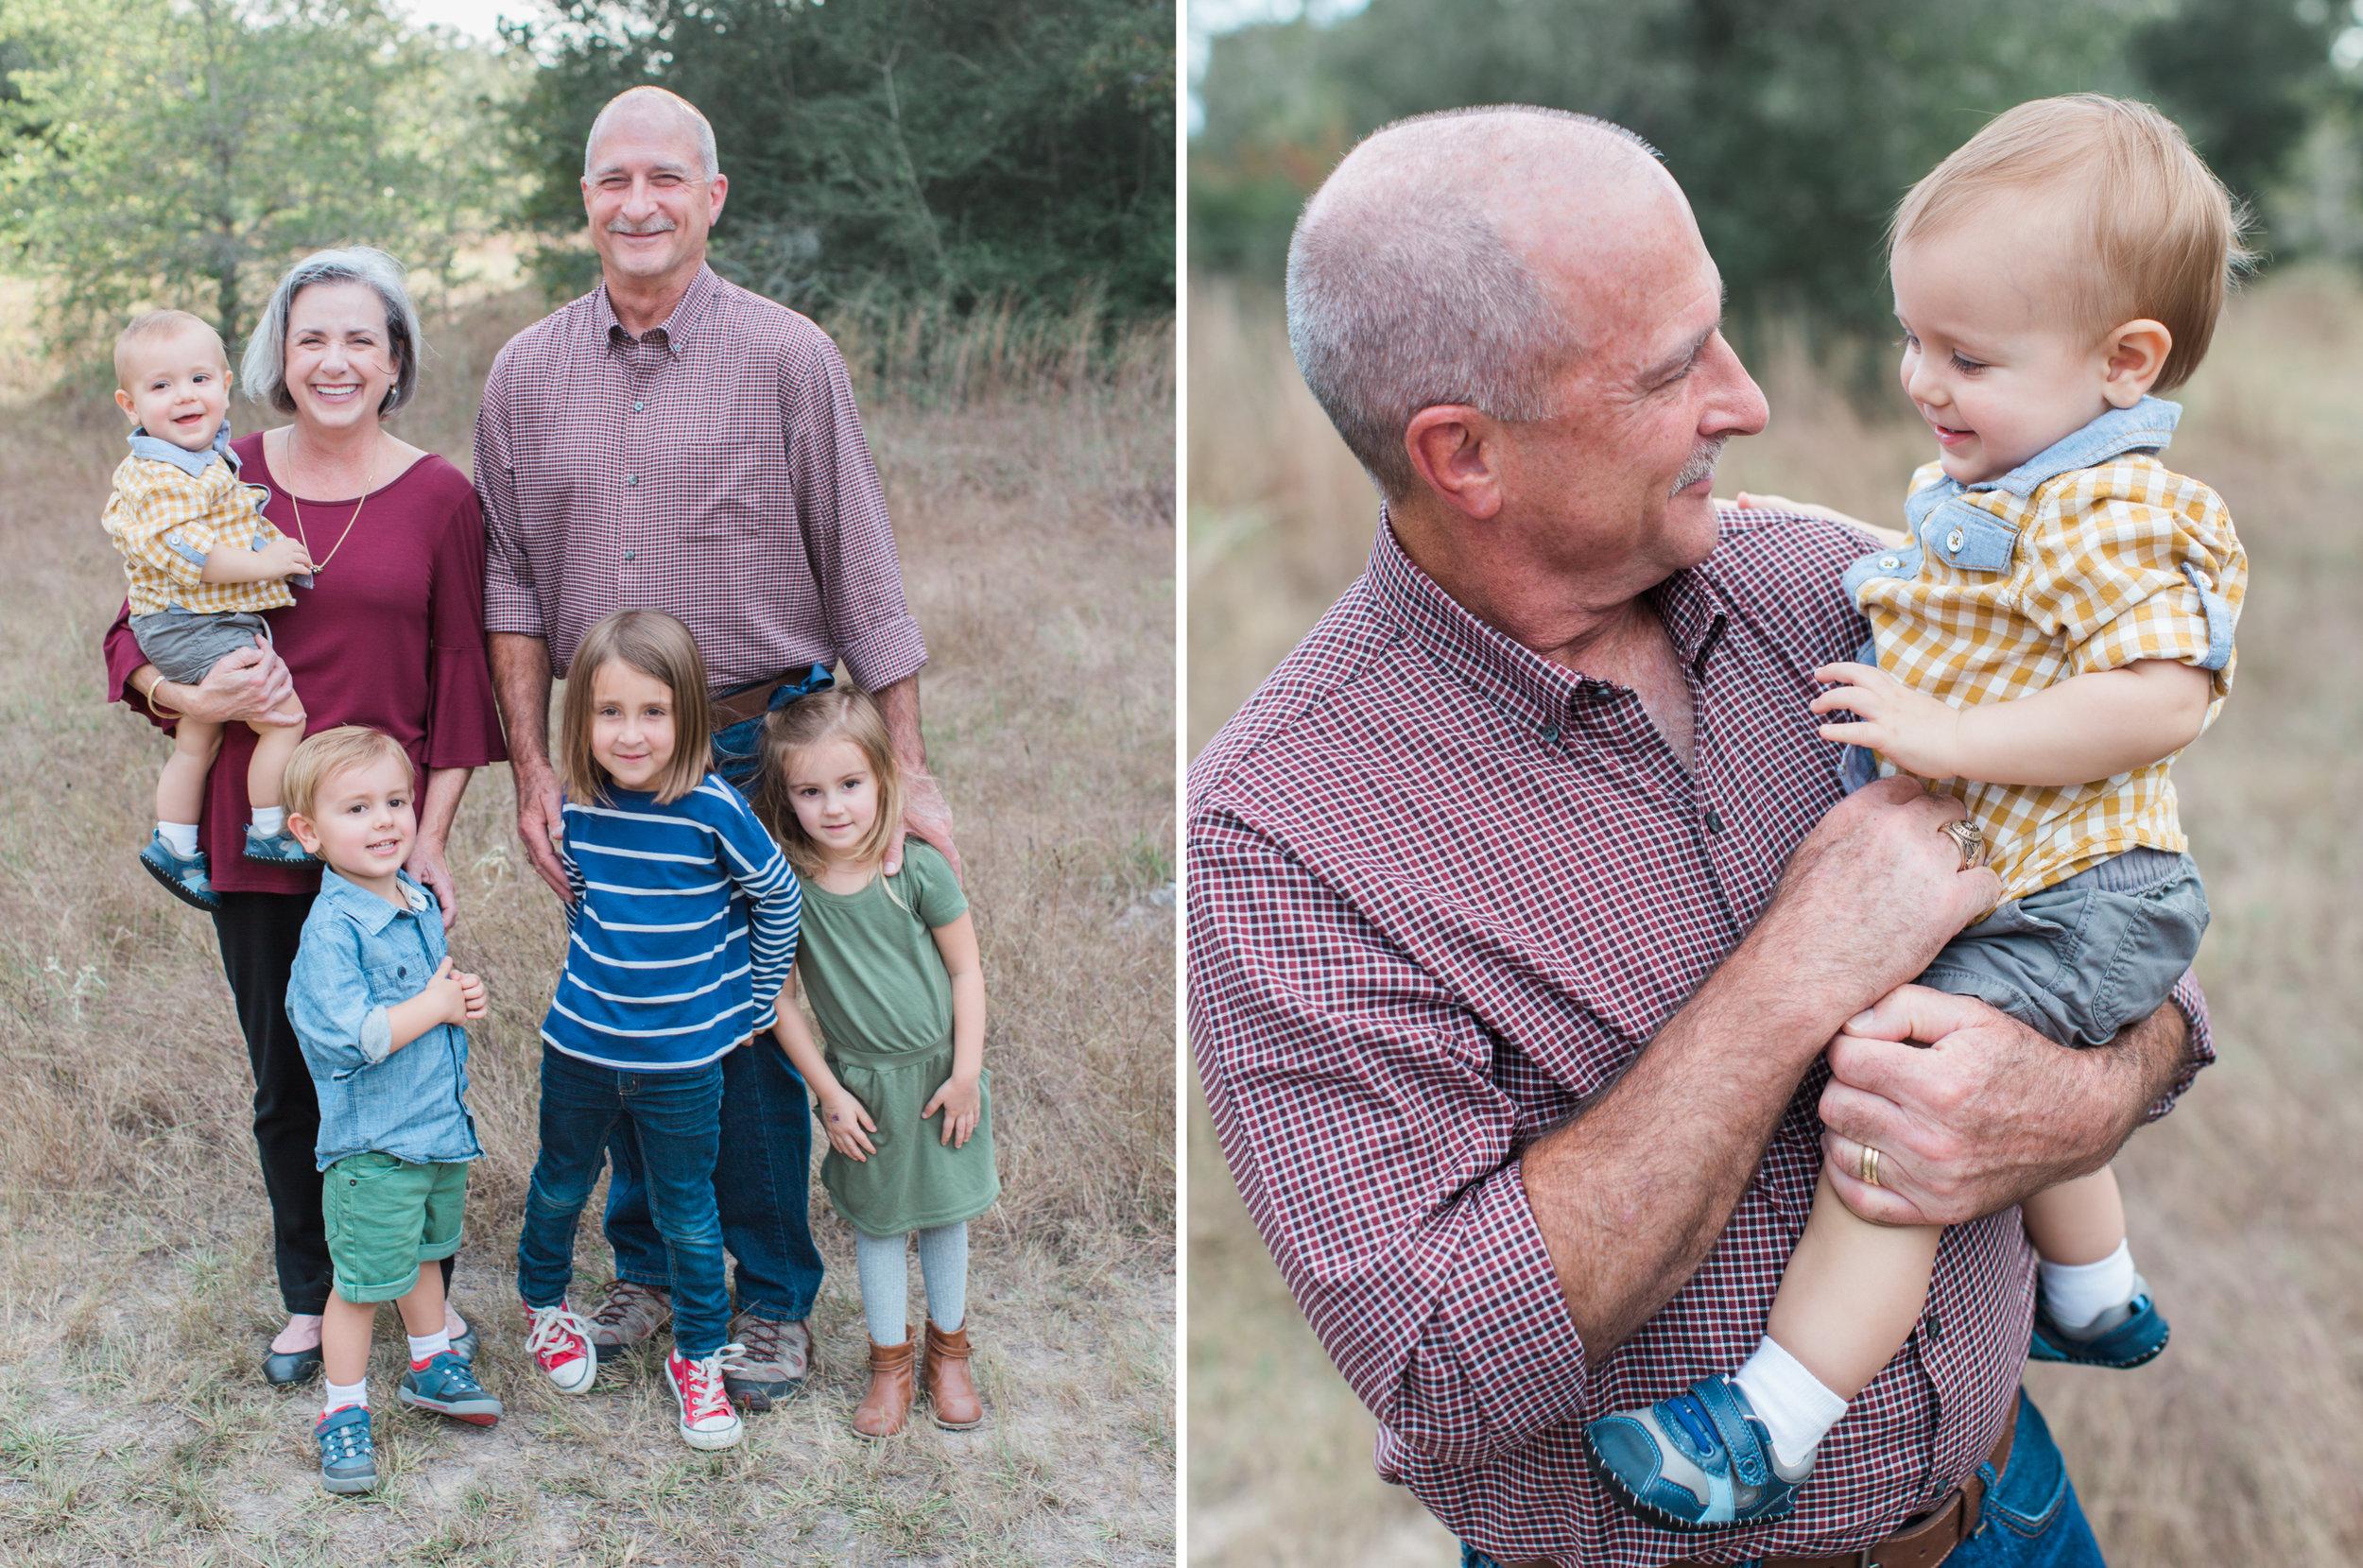 allisonfamily1.jpg